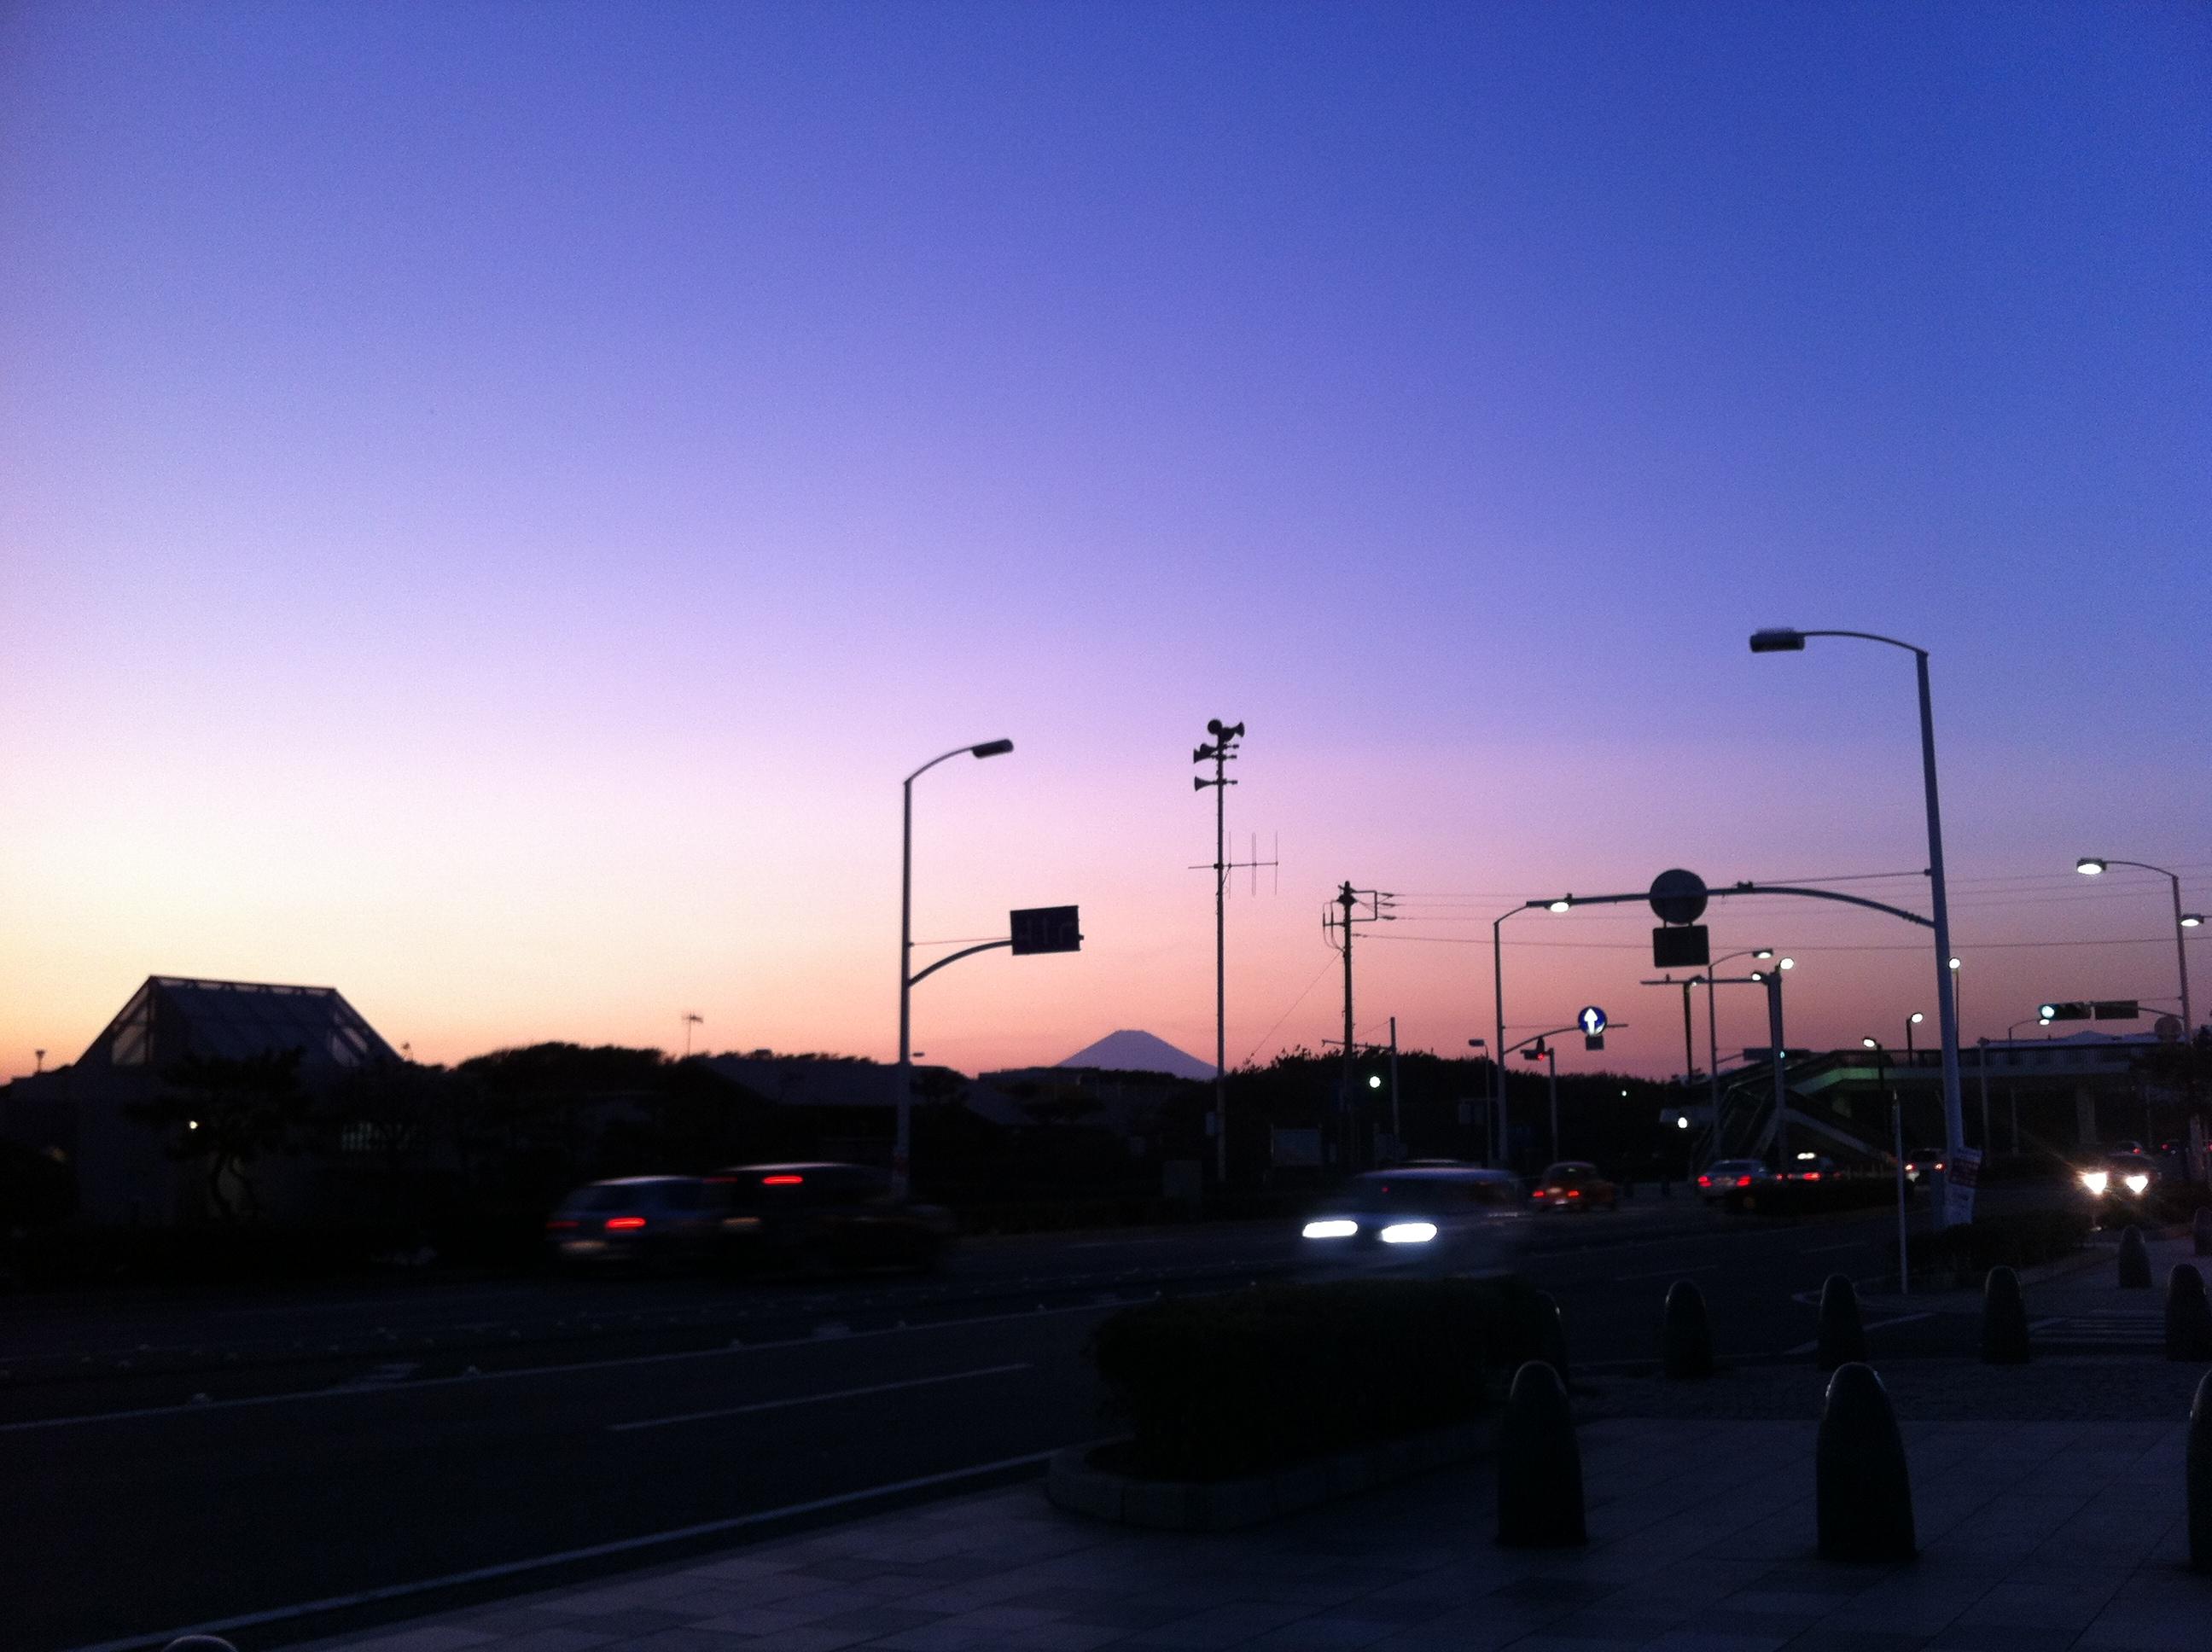 Fuji from Shonan